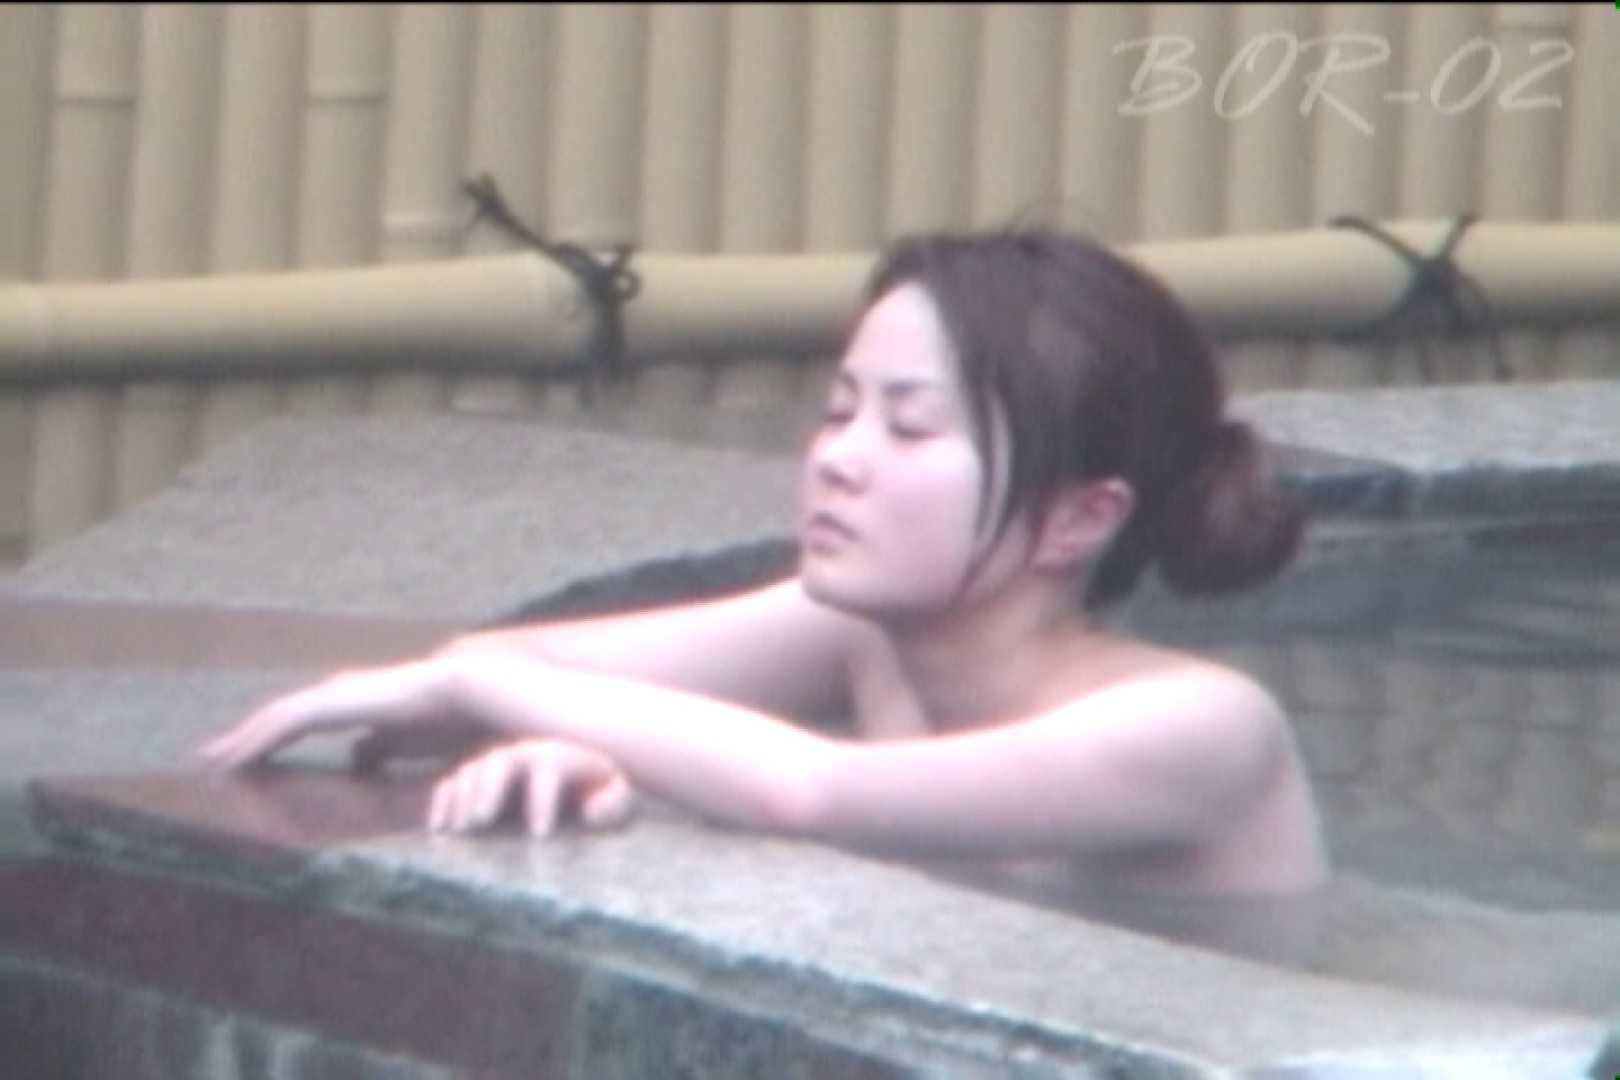 Aquaな露天風呂Vol.474 盗撮シリーズ  111PIX 60